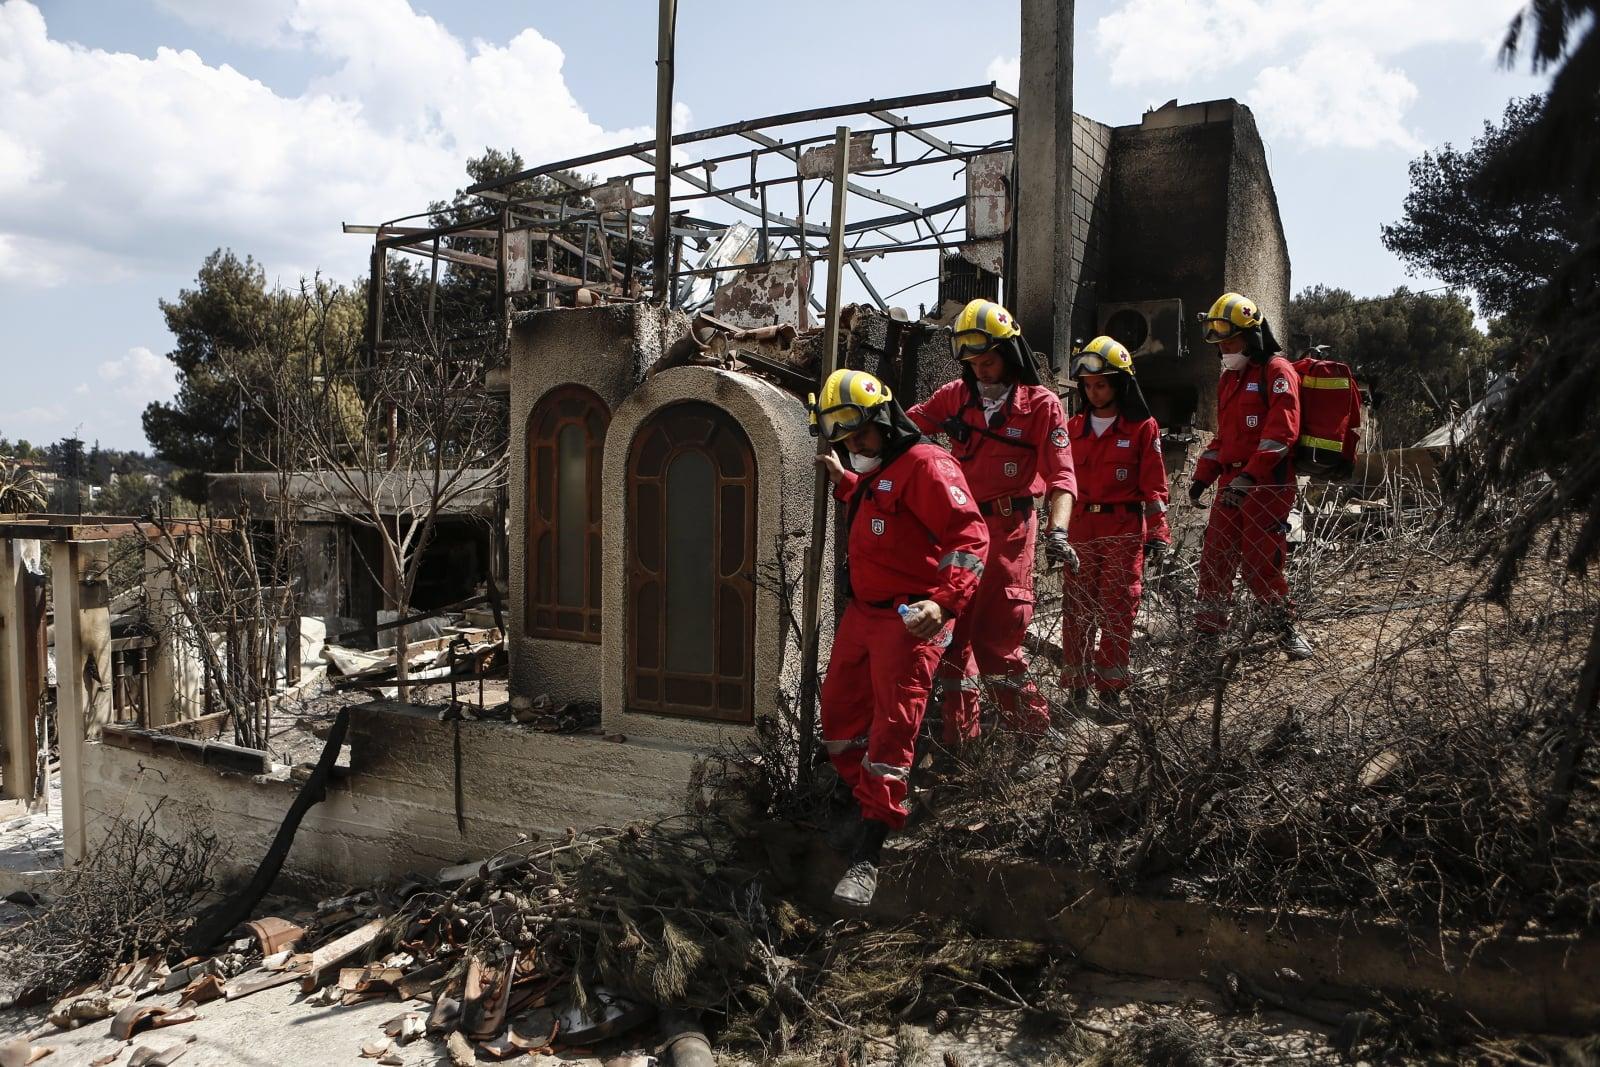 Członkowie greckiego Czerwonego Krzyża szukają zaginionych osób w spalonym domu, po śmiertelnym pożarze lasu w Mati na północnym przedmieściu Aten, fot. EPA/YANNIS KOLESIDIS